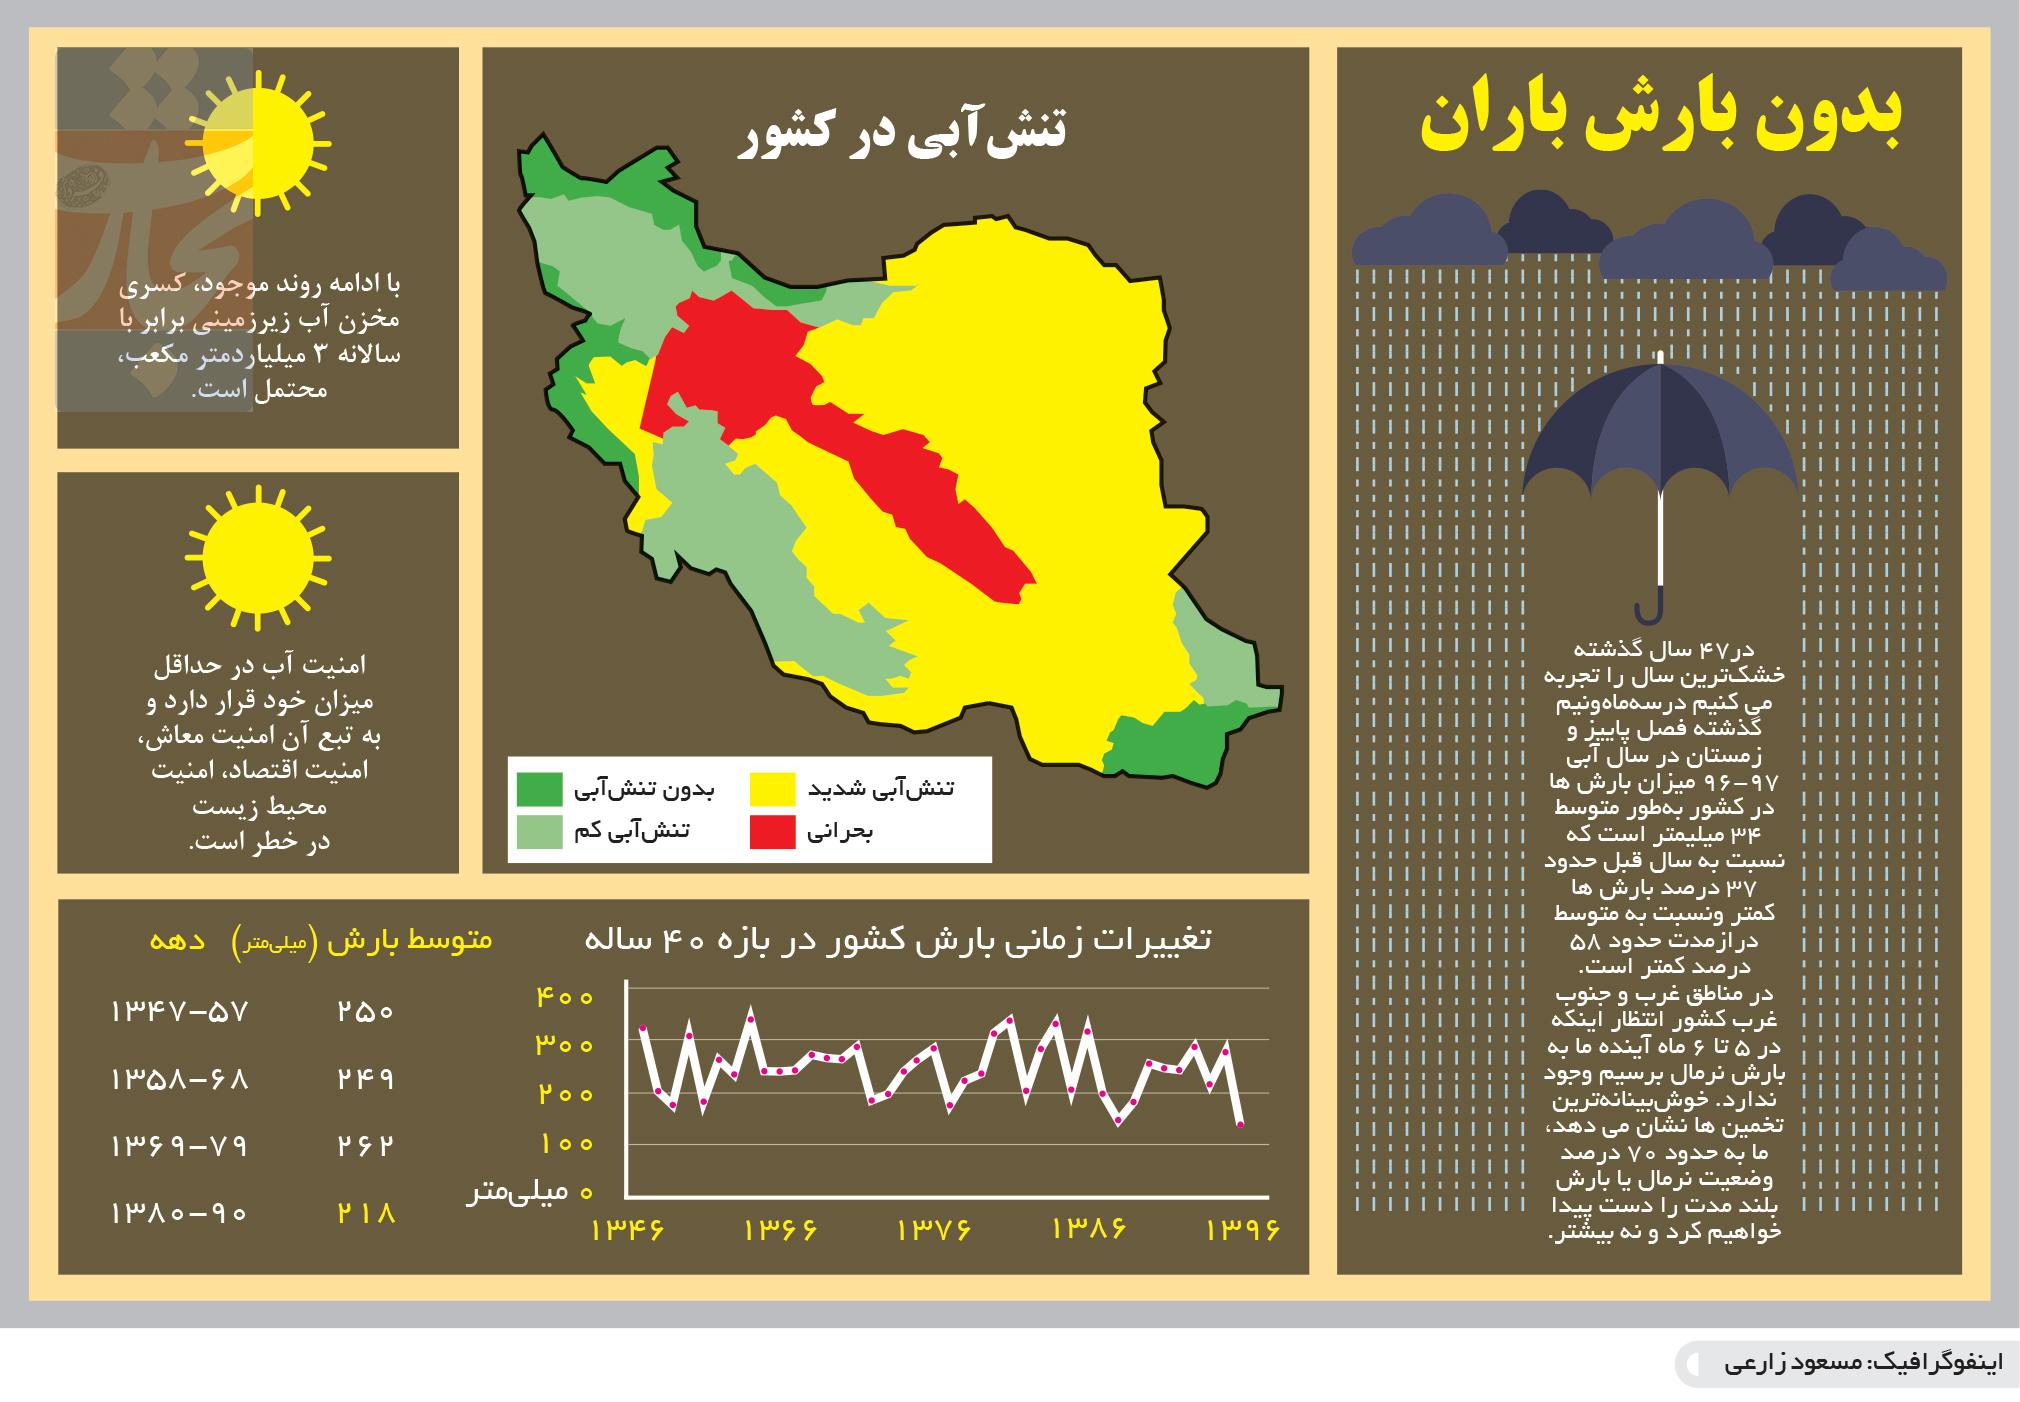 تجارت- فردا- بحران آب(اینفوگرافیک)